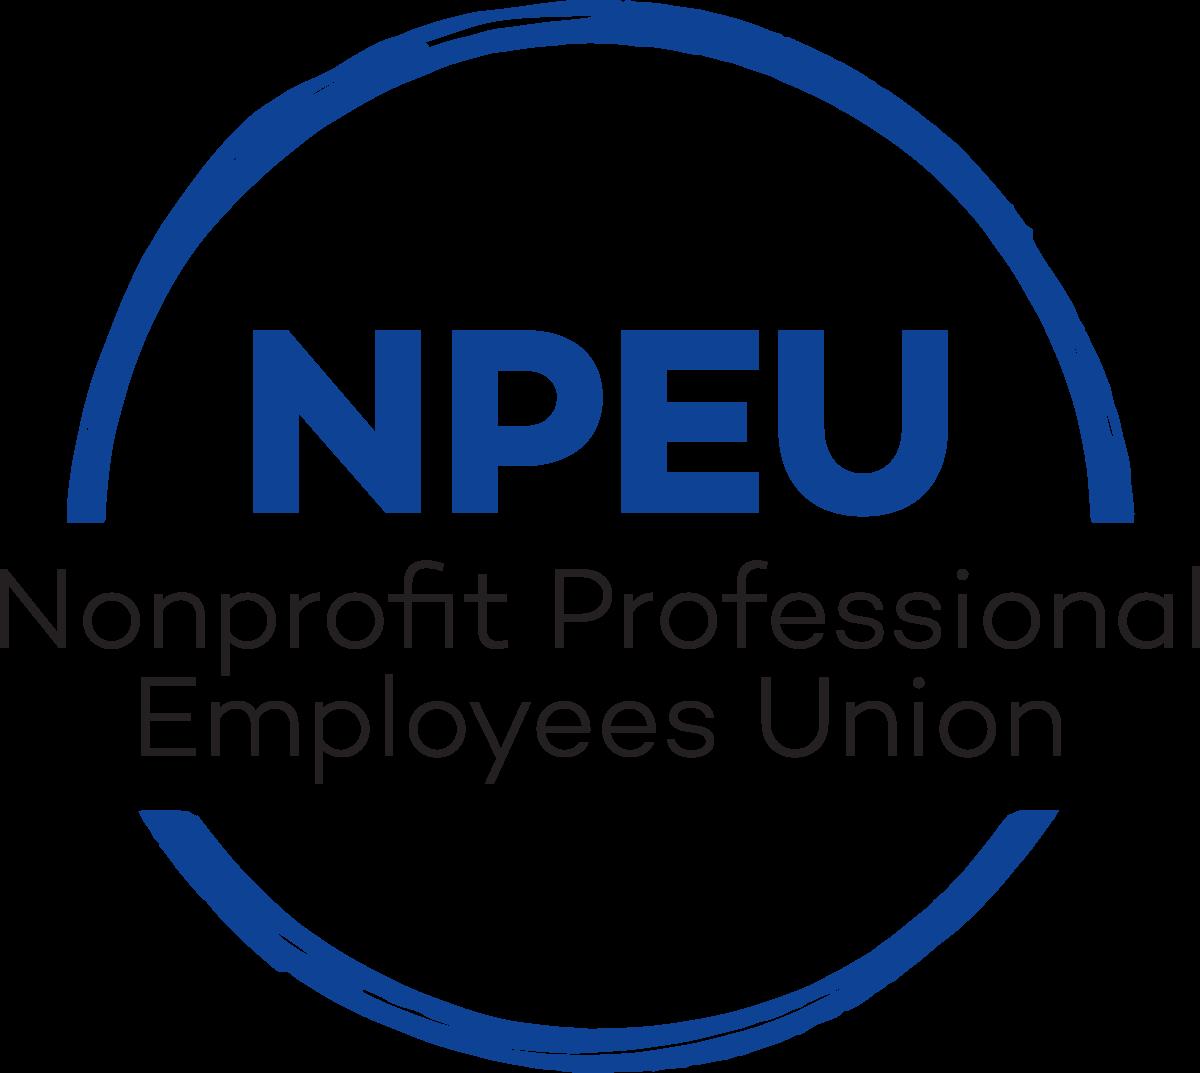 NPEU-logo-full-color.png